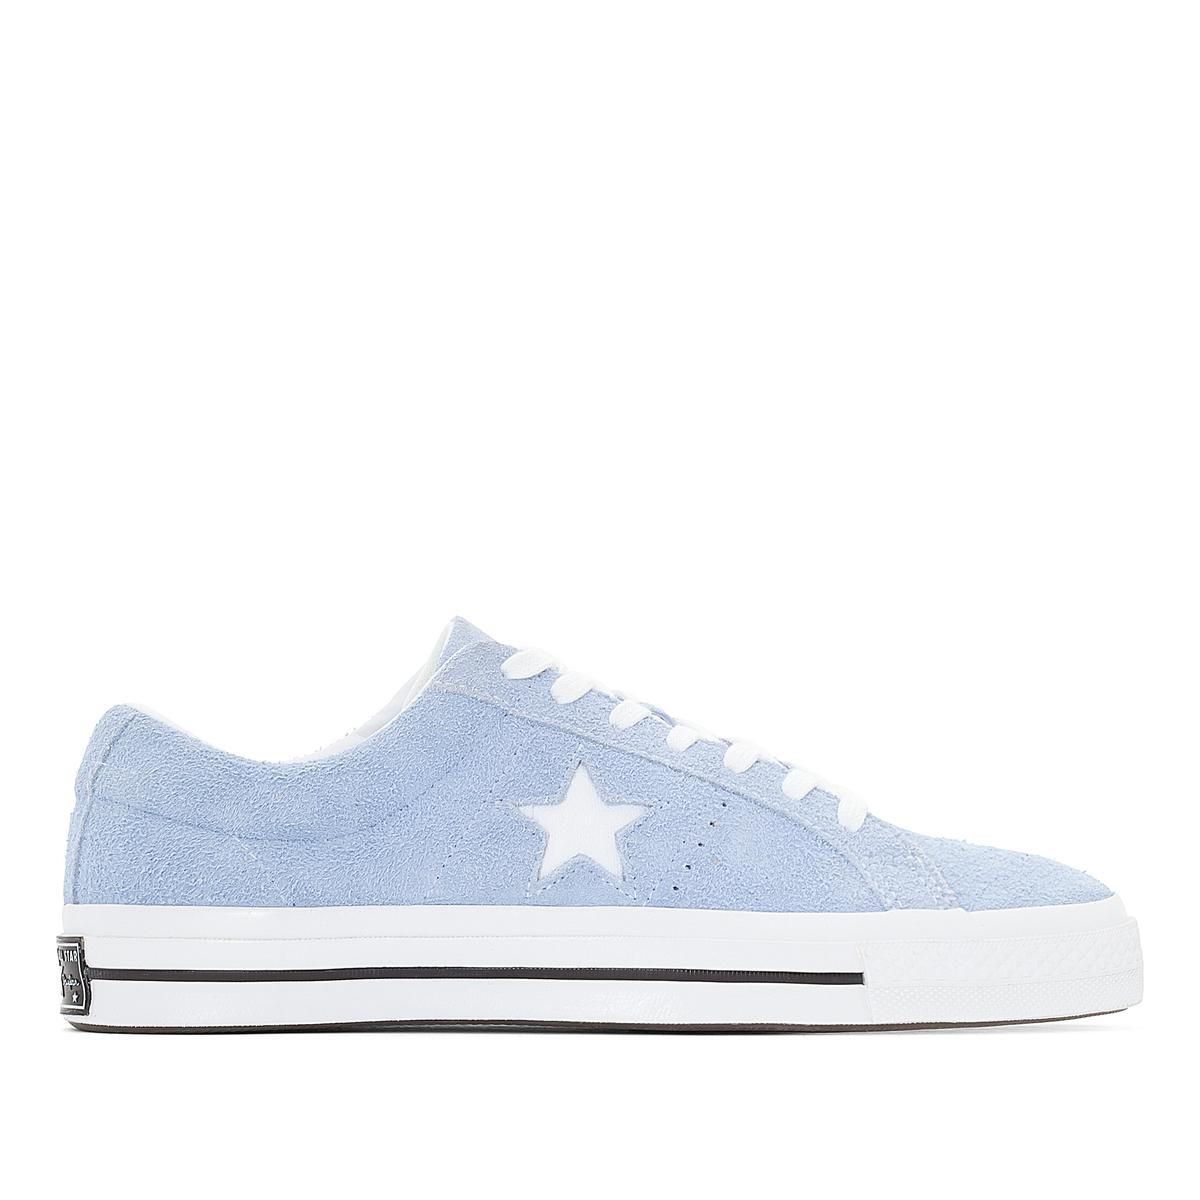 Zapatillas ONE STAR OG COLOR